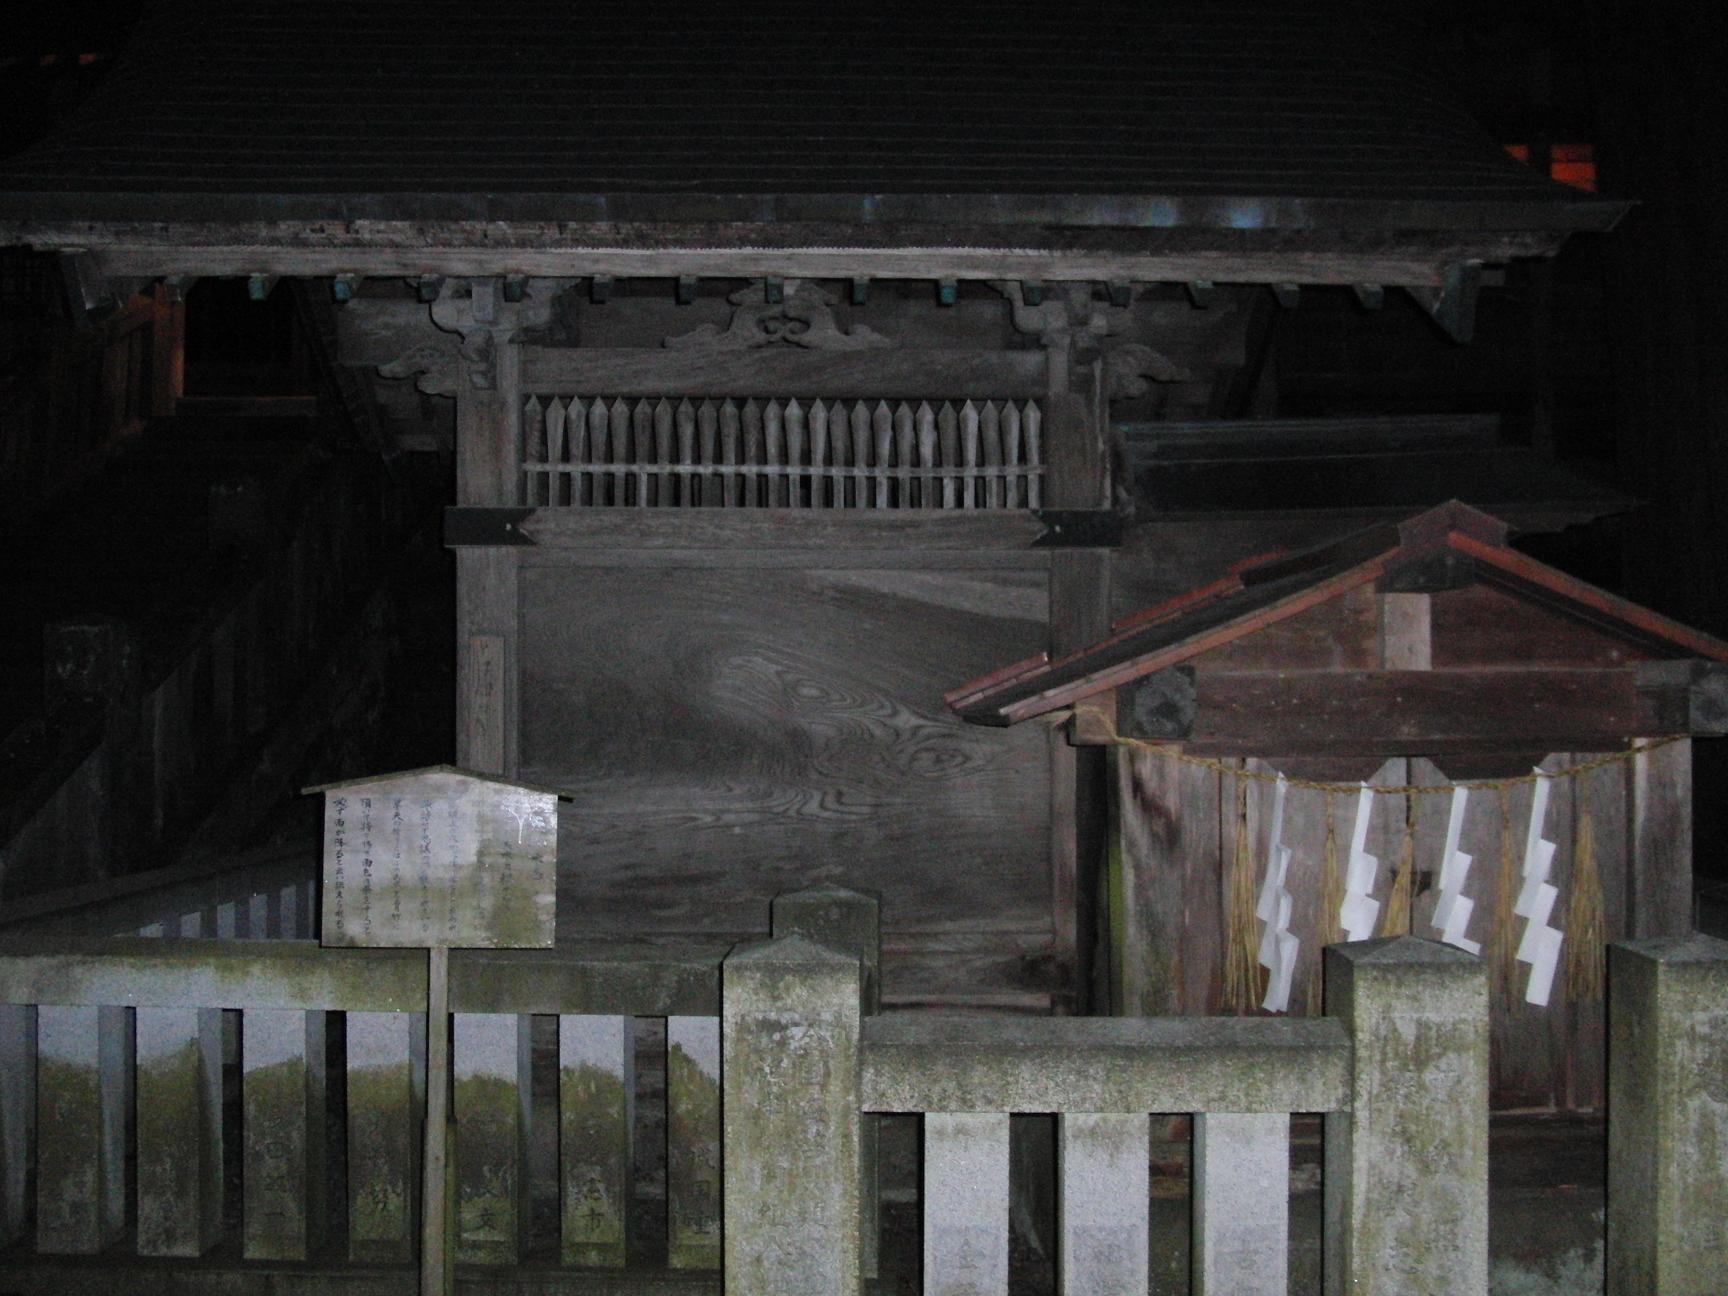 白馬と諏訪旅行2009年12月17日から20日 574